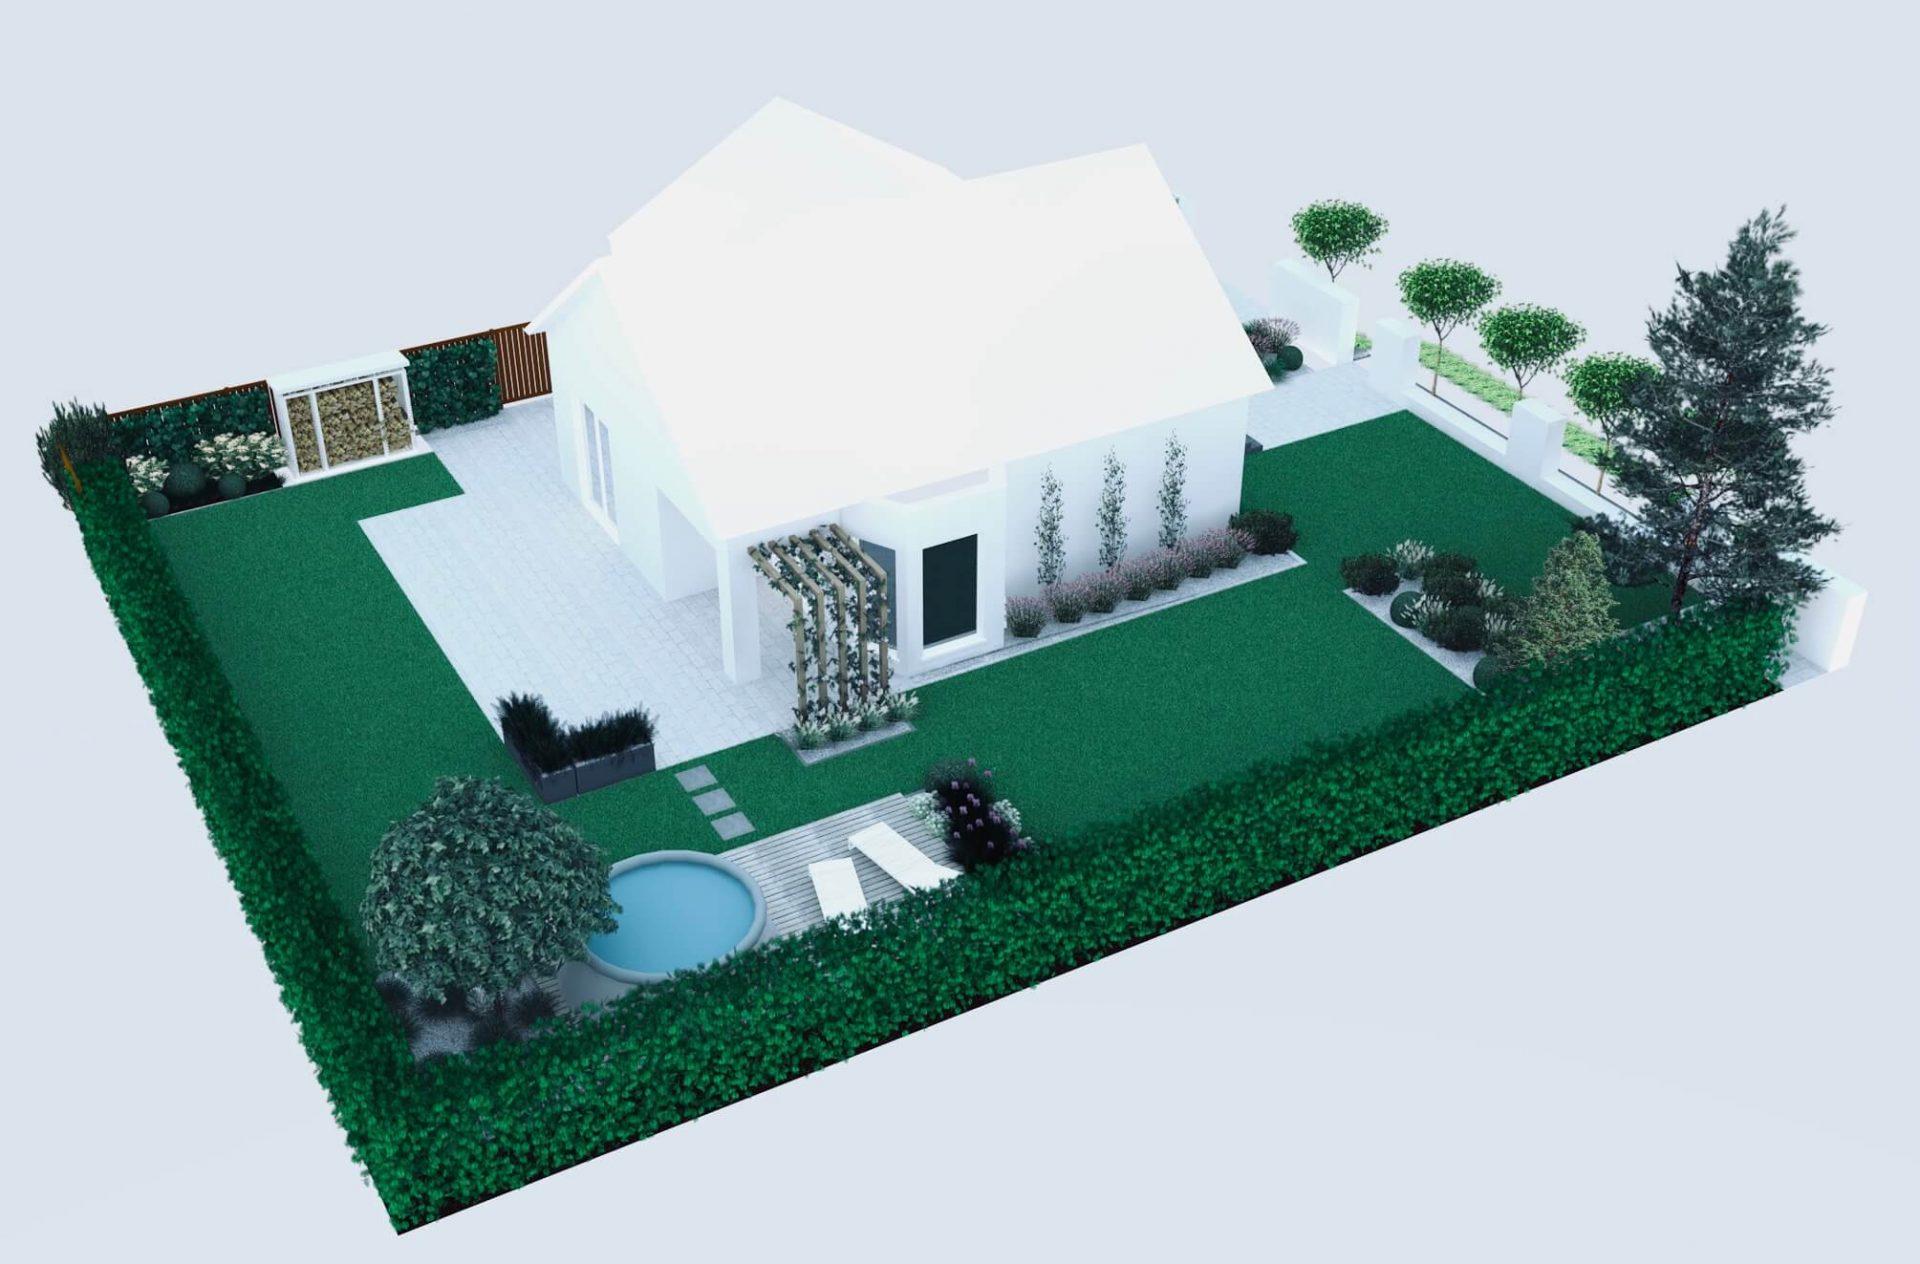 Ogród mały i prosty, widok z góry, wizualizacja ogrodu, kąty proste